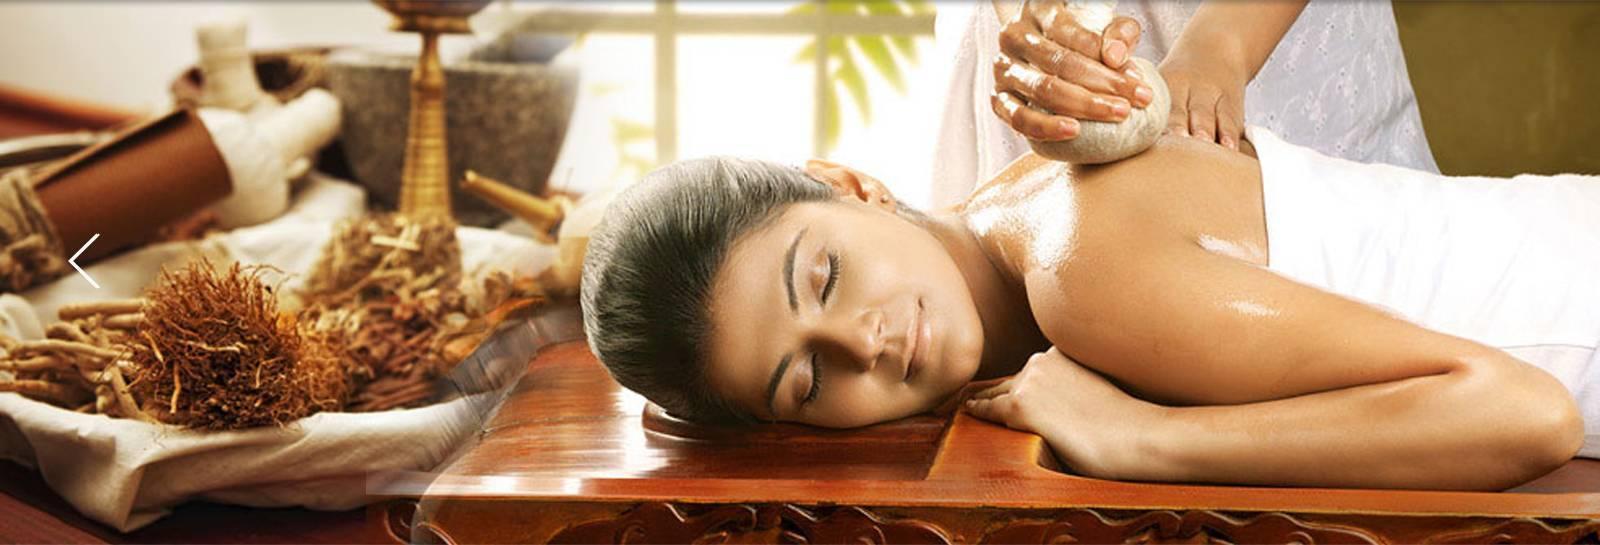 Индийский аюрведический массаж – что это, как делается и есть ли в нем польза